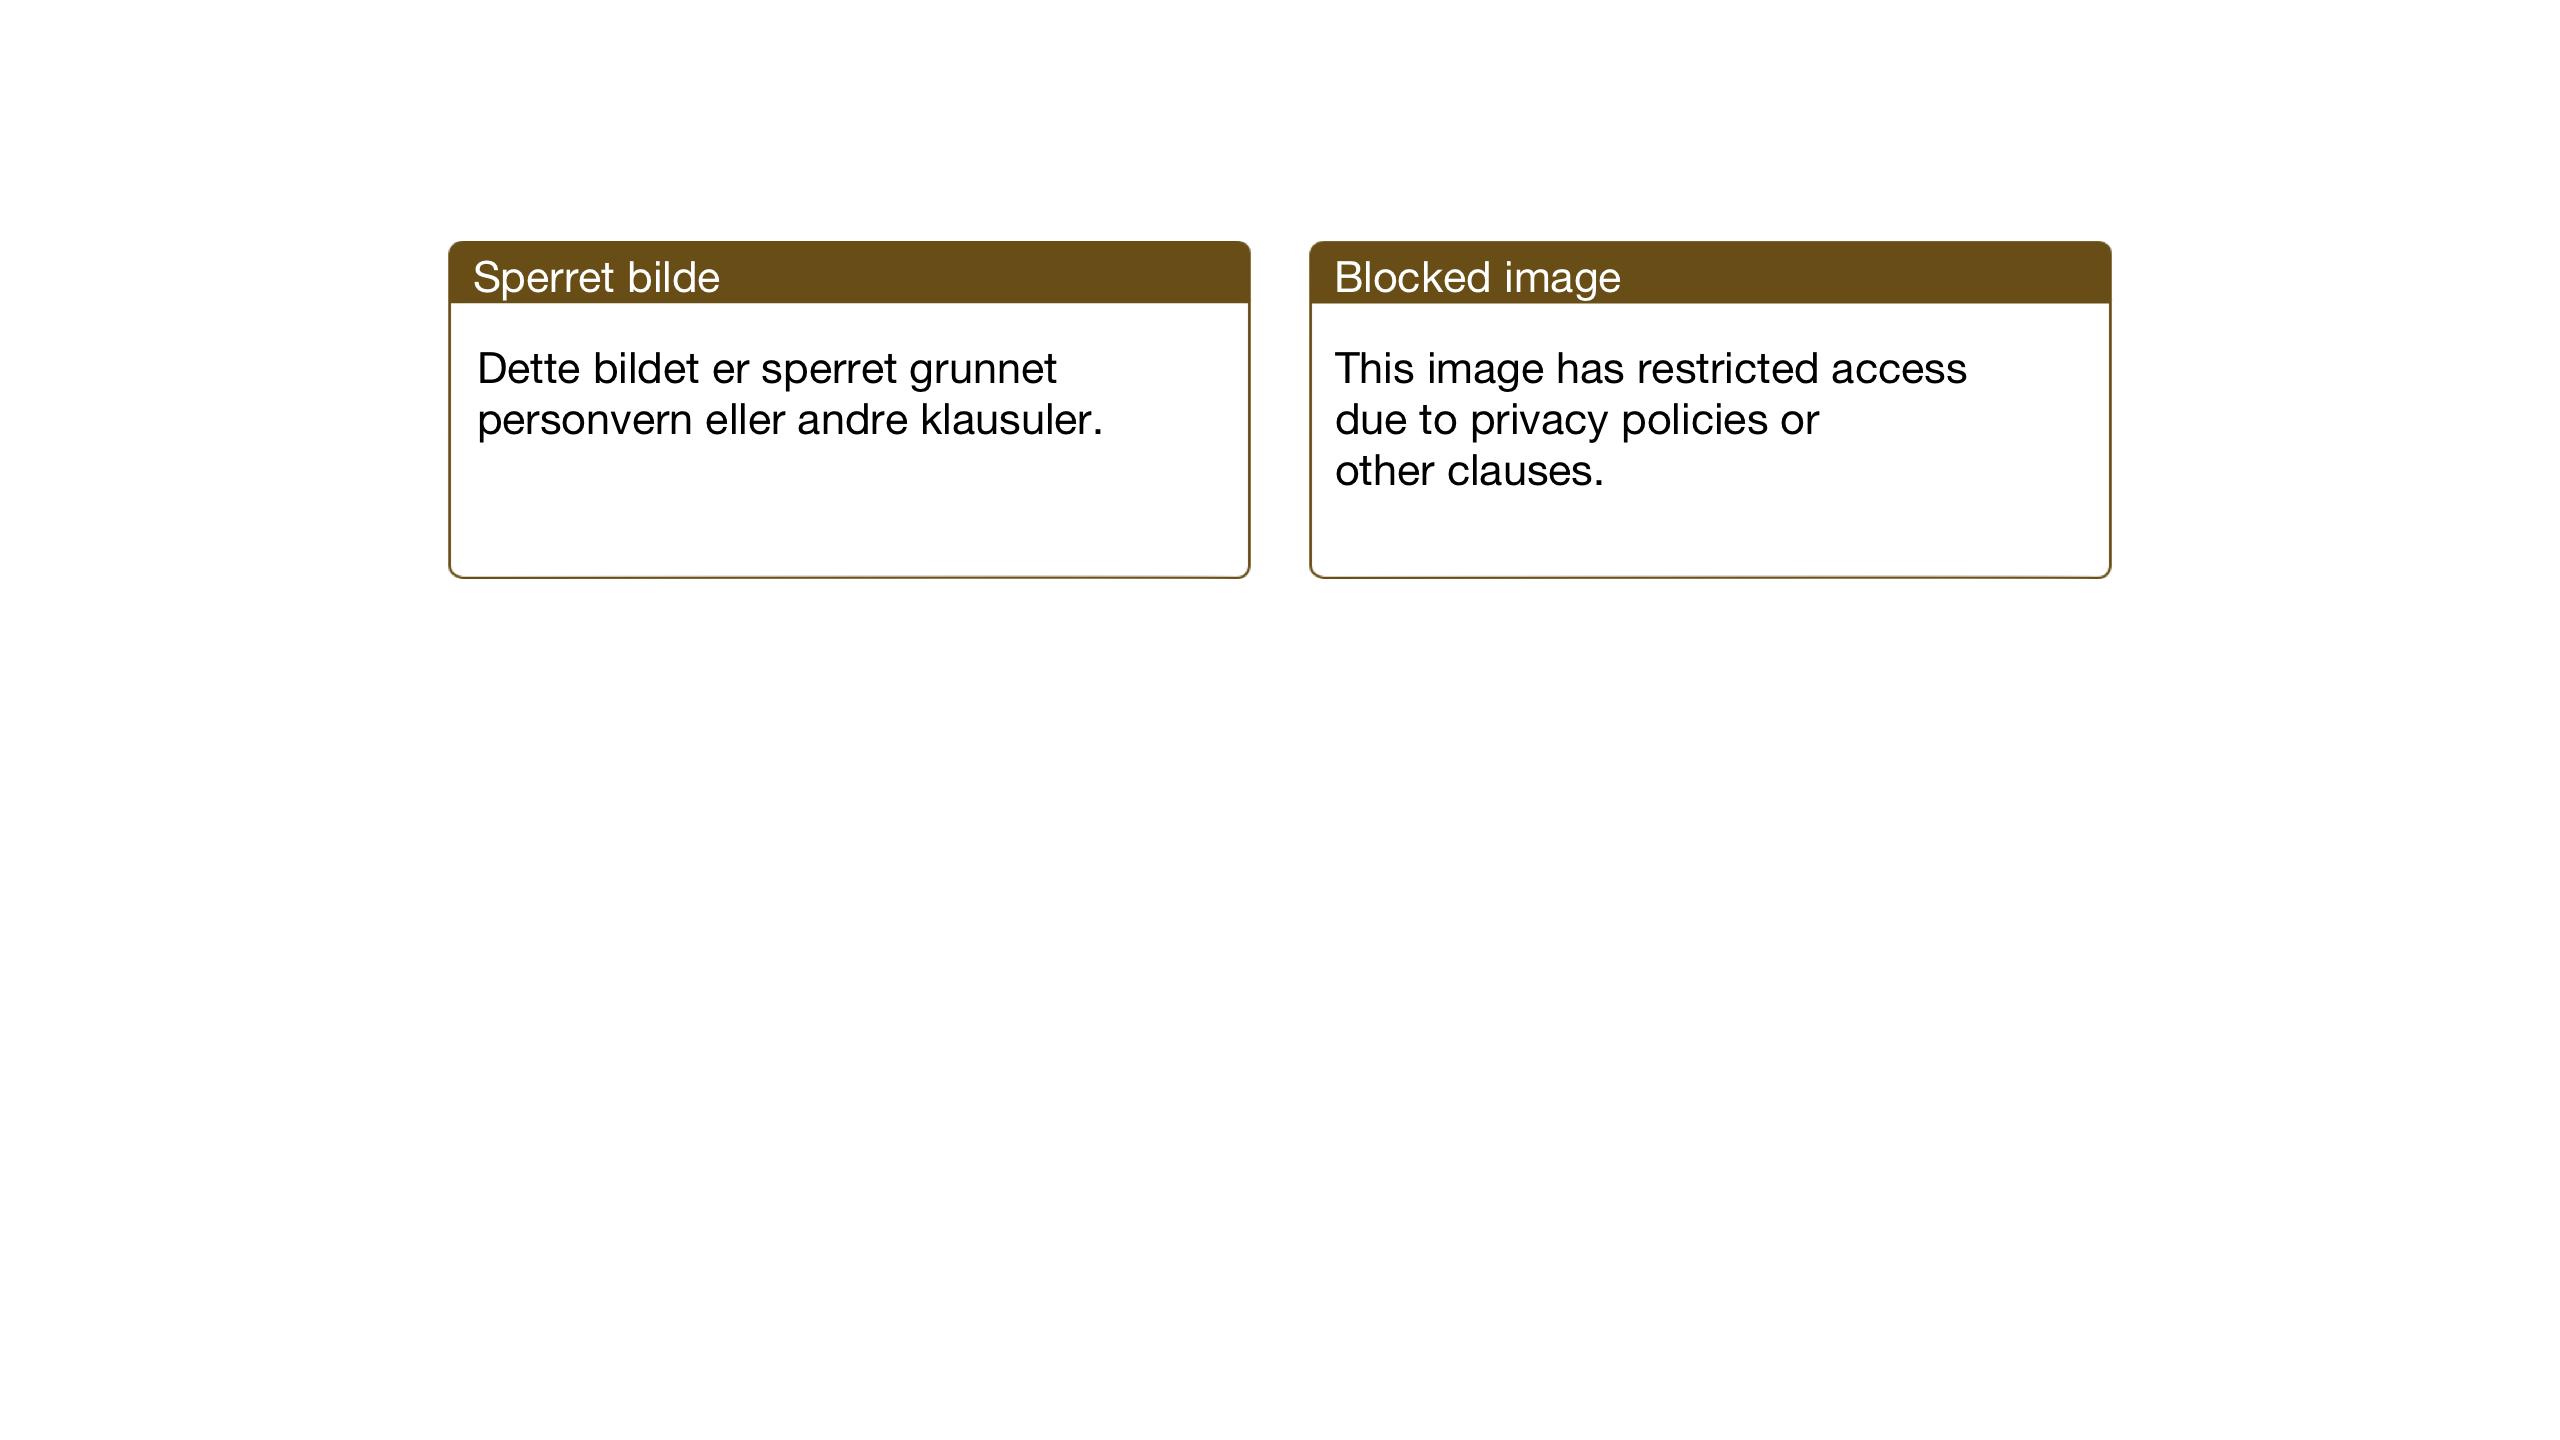 SAT, Ministerialprotokoller, klokkerbøker og fødselsregistre - Nord-Trøndelag, 730/L0304: Klokkerbok nr. 730C07, 1934-1945, s. 61